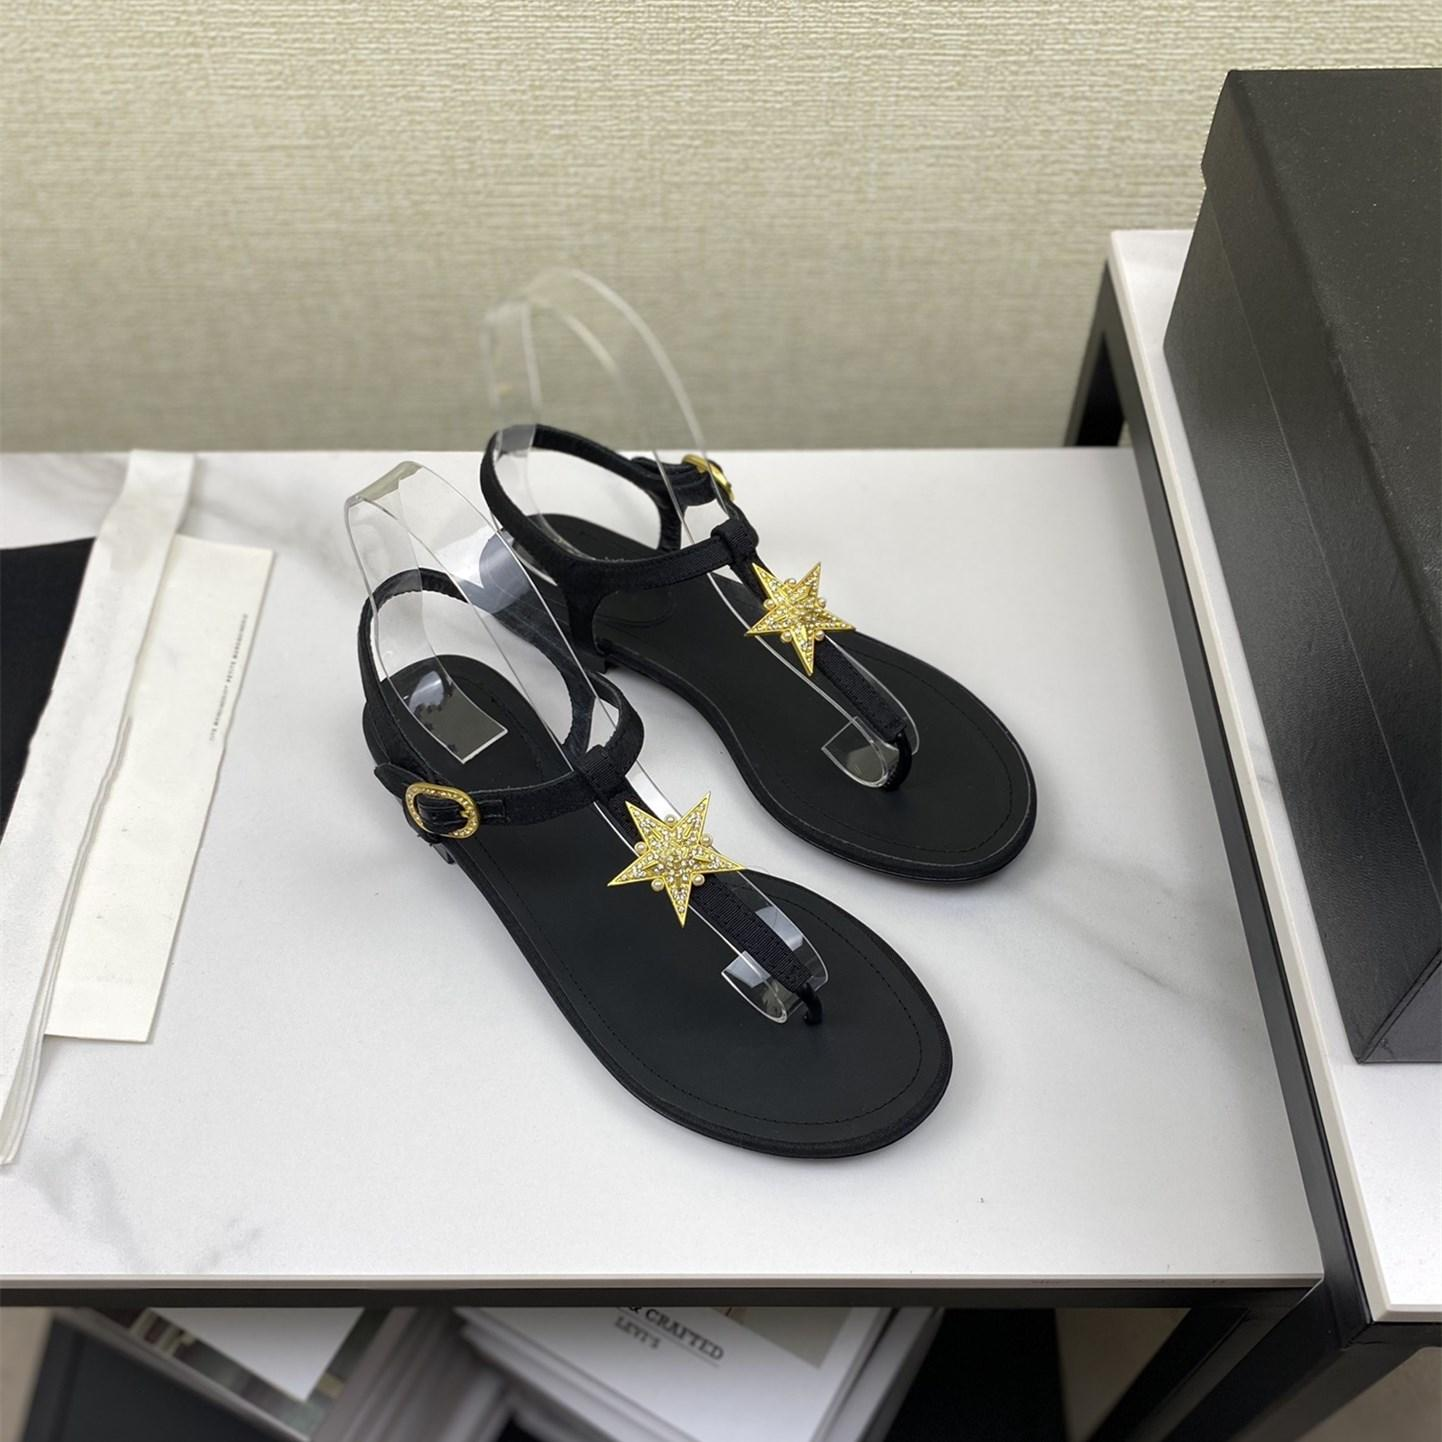 Top clipe casual sapatos de pé simples design preto liso mulheres sandálias de verão dourado diamante cinco-pontudo estrela decorativa sandwear flip flops